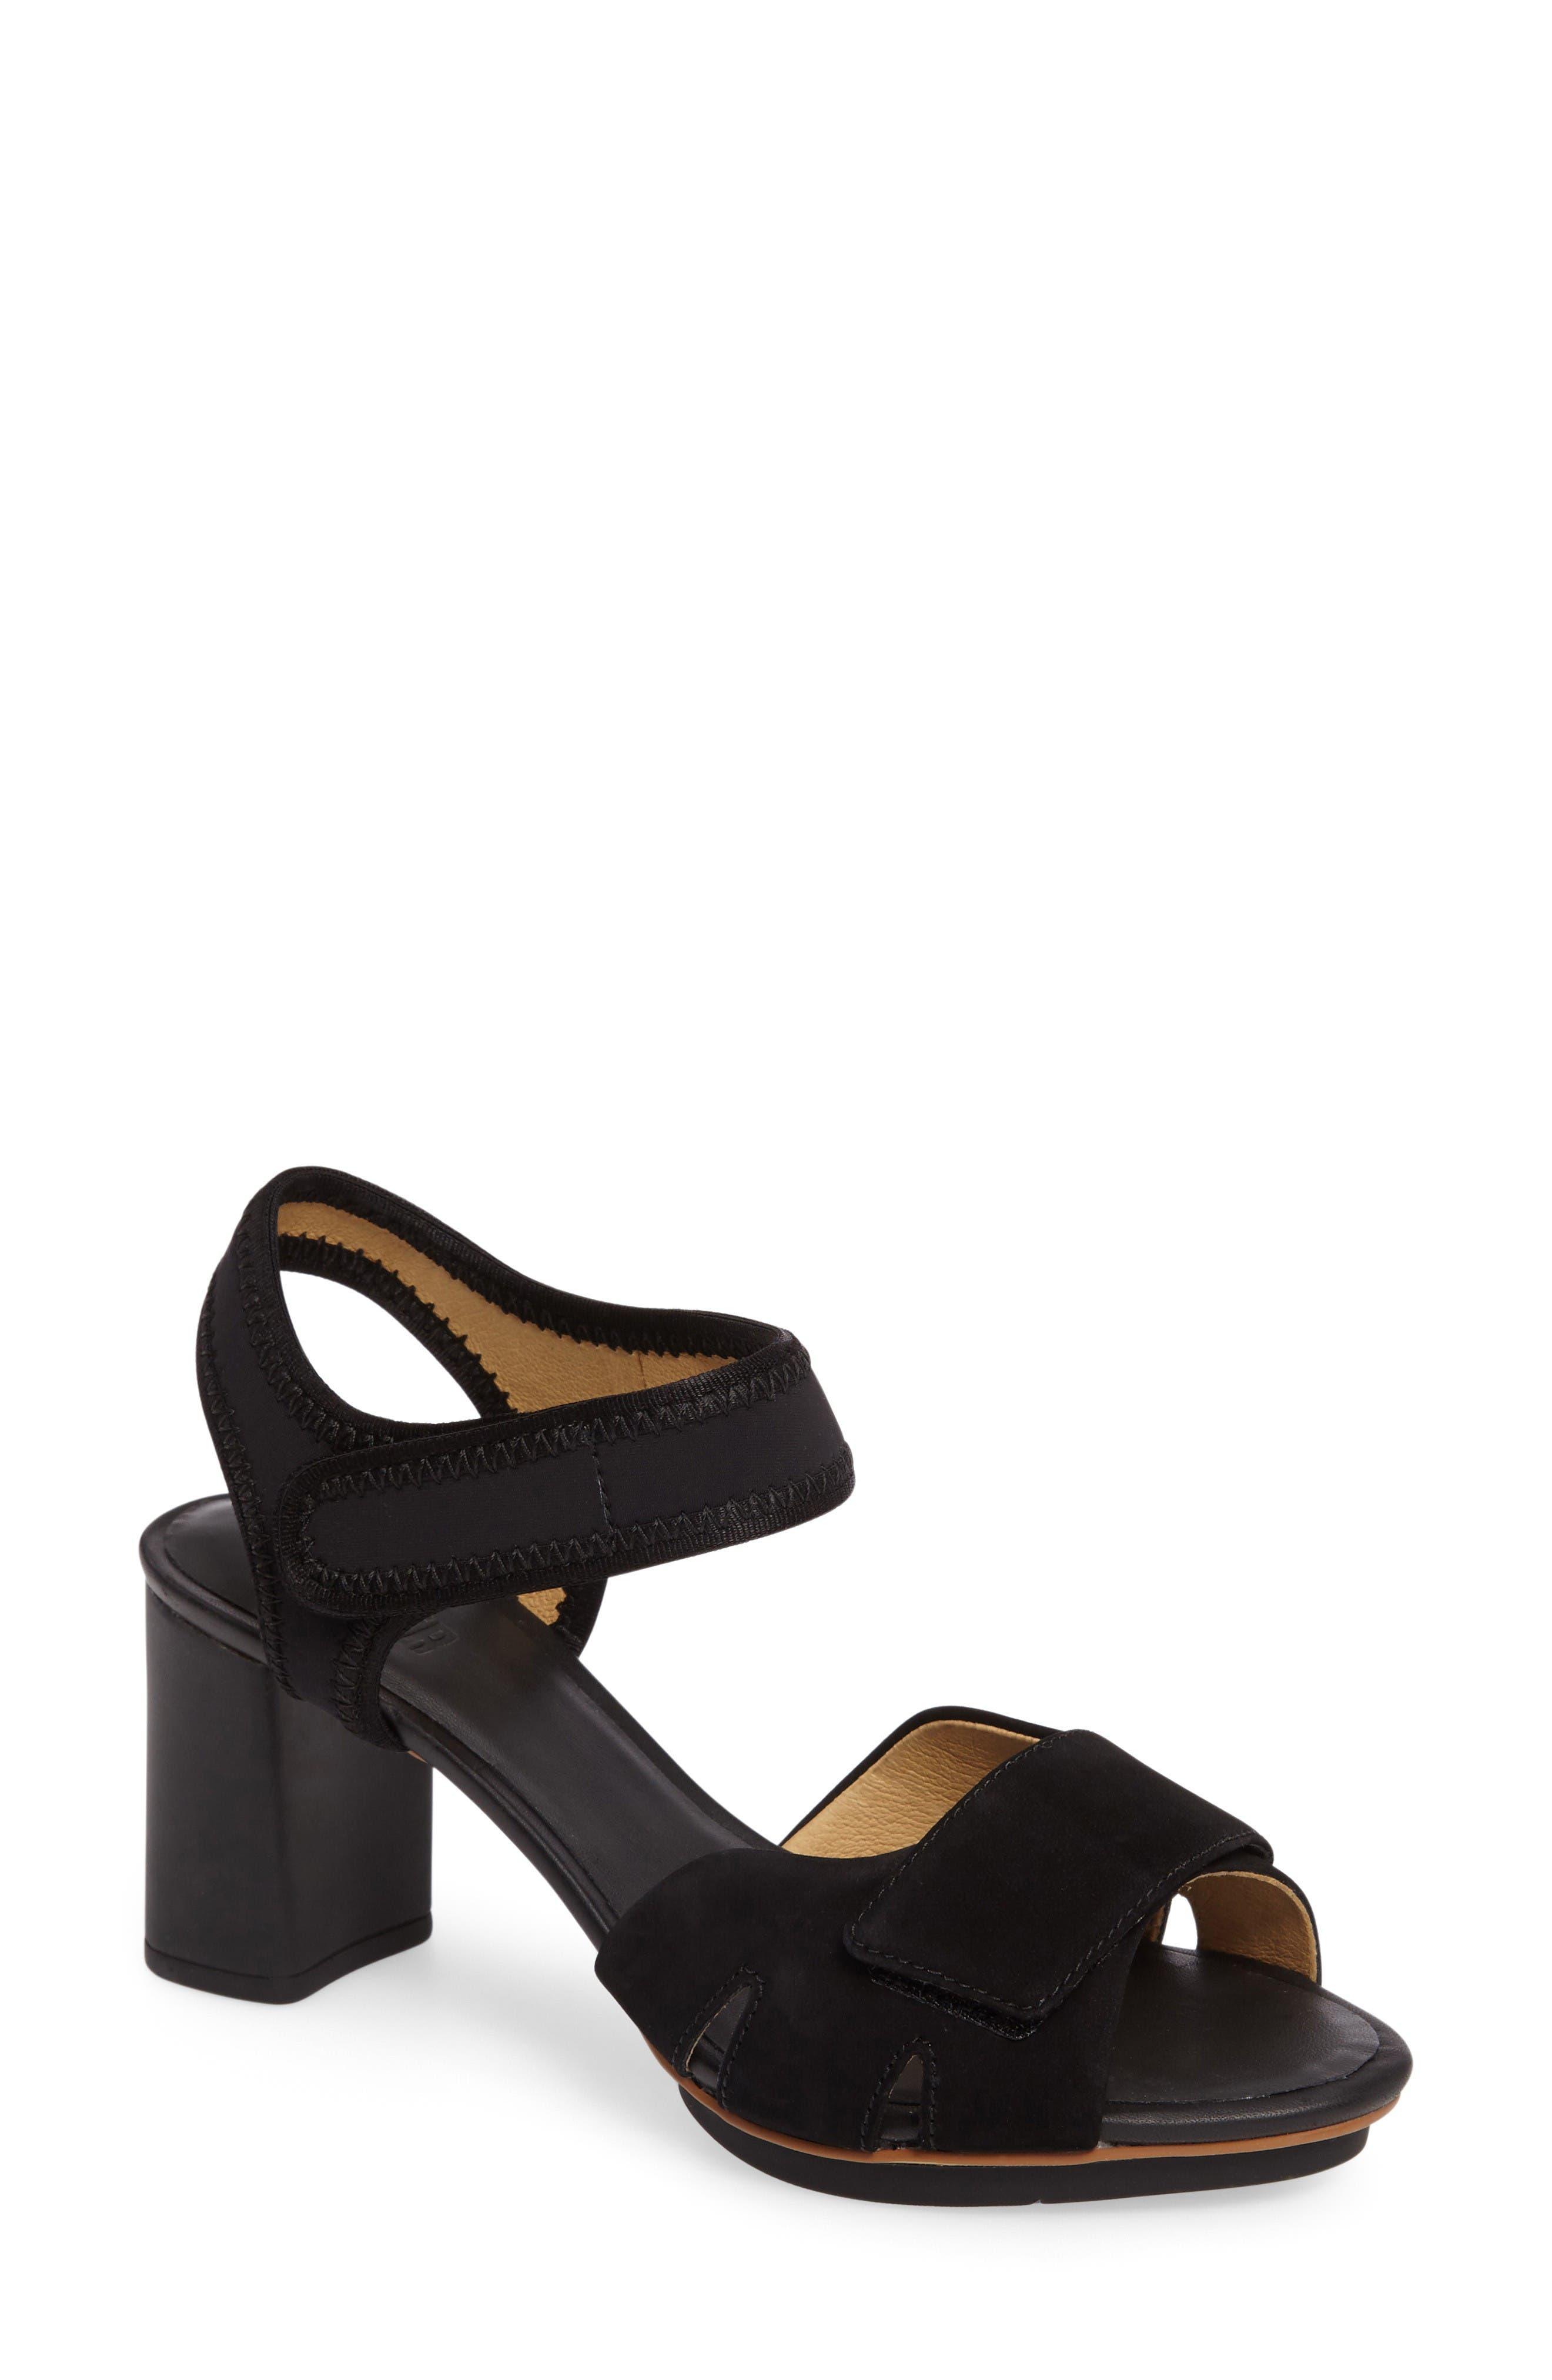 Alternate Image 1 Selected - Camper 'Myriam' Ankle Strap Platform Sandal (Women)